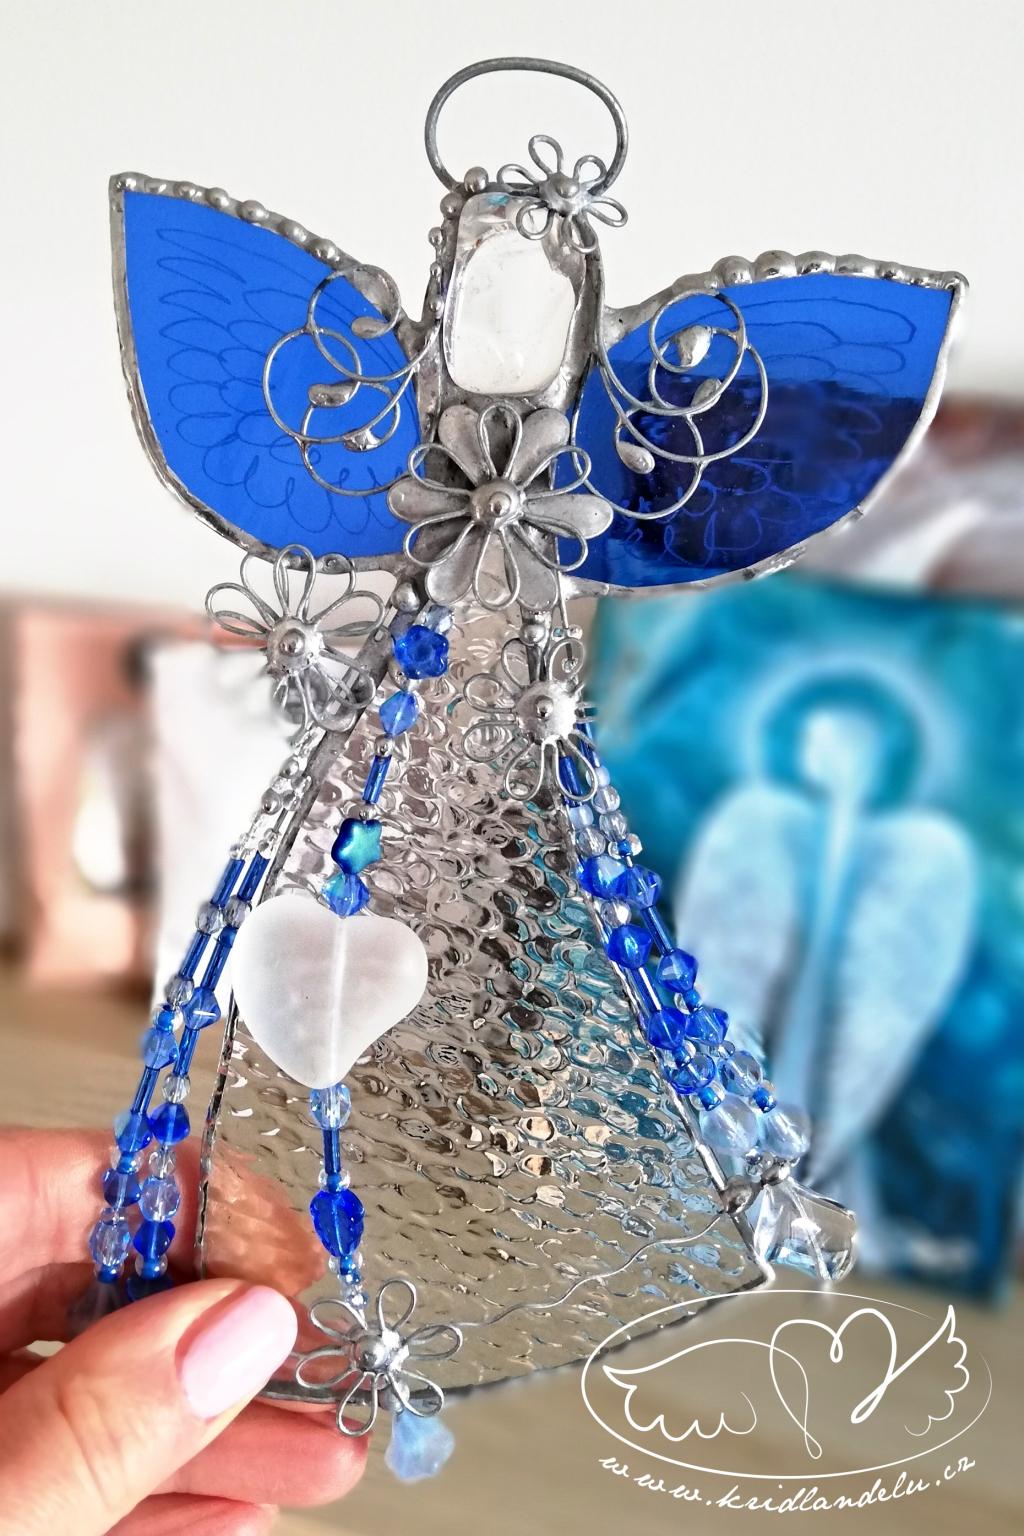 Andělská vitráž - Nepotlačuj své emoce 19cm